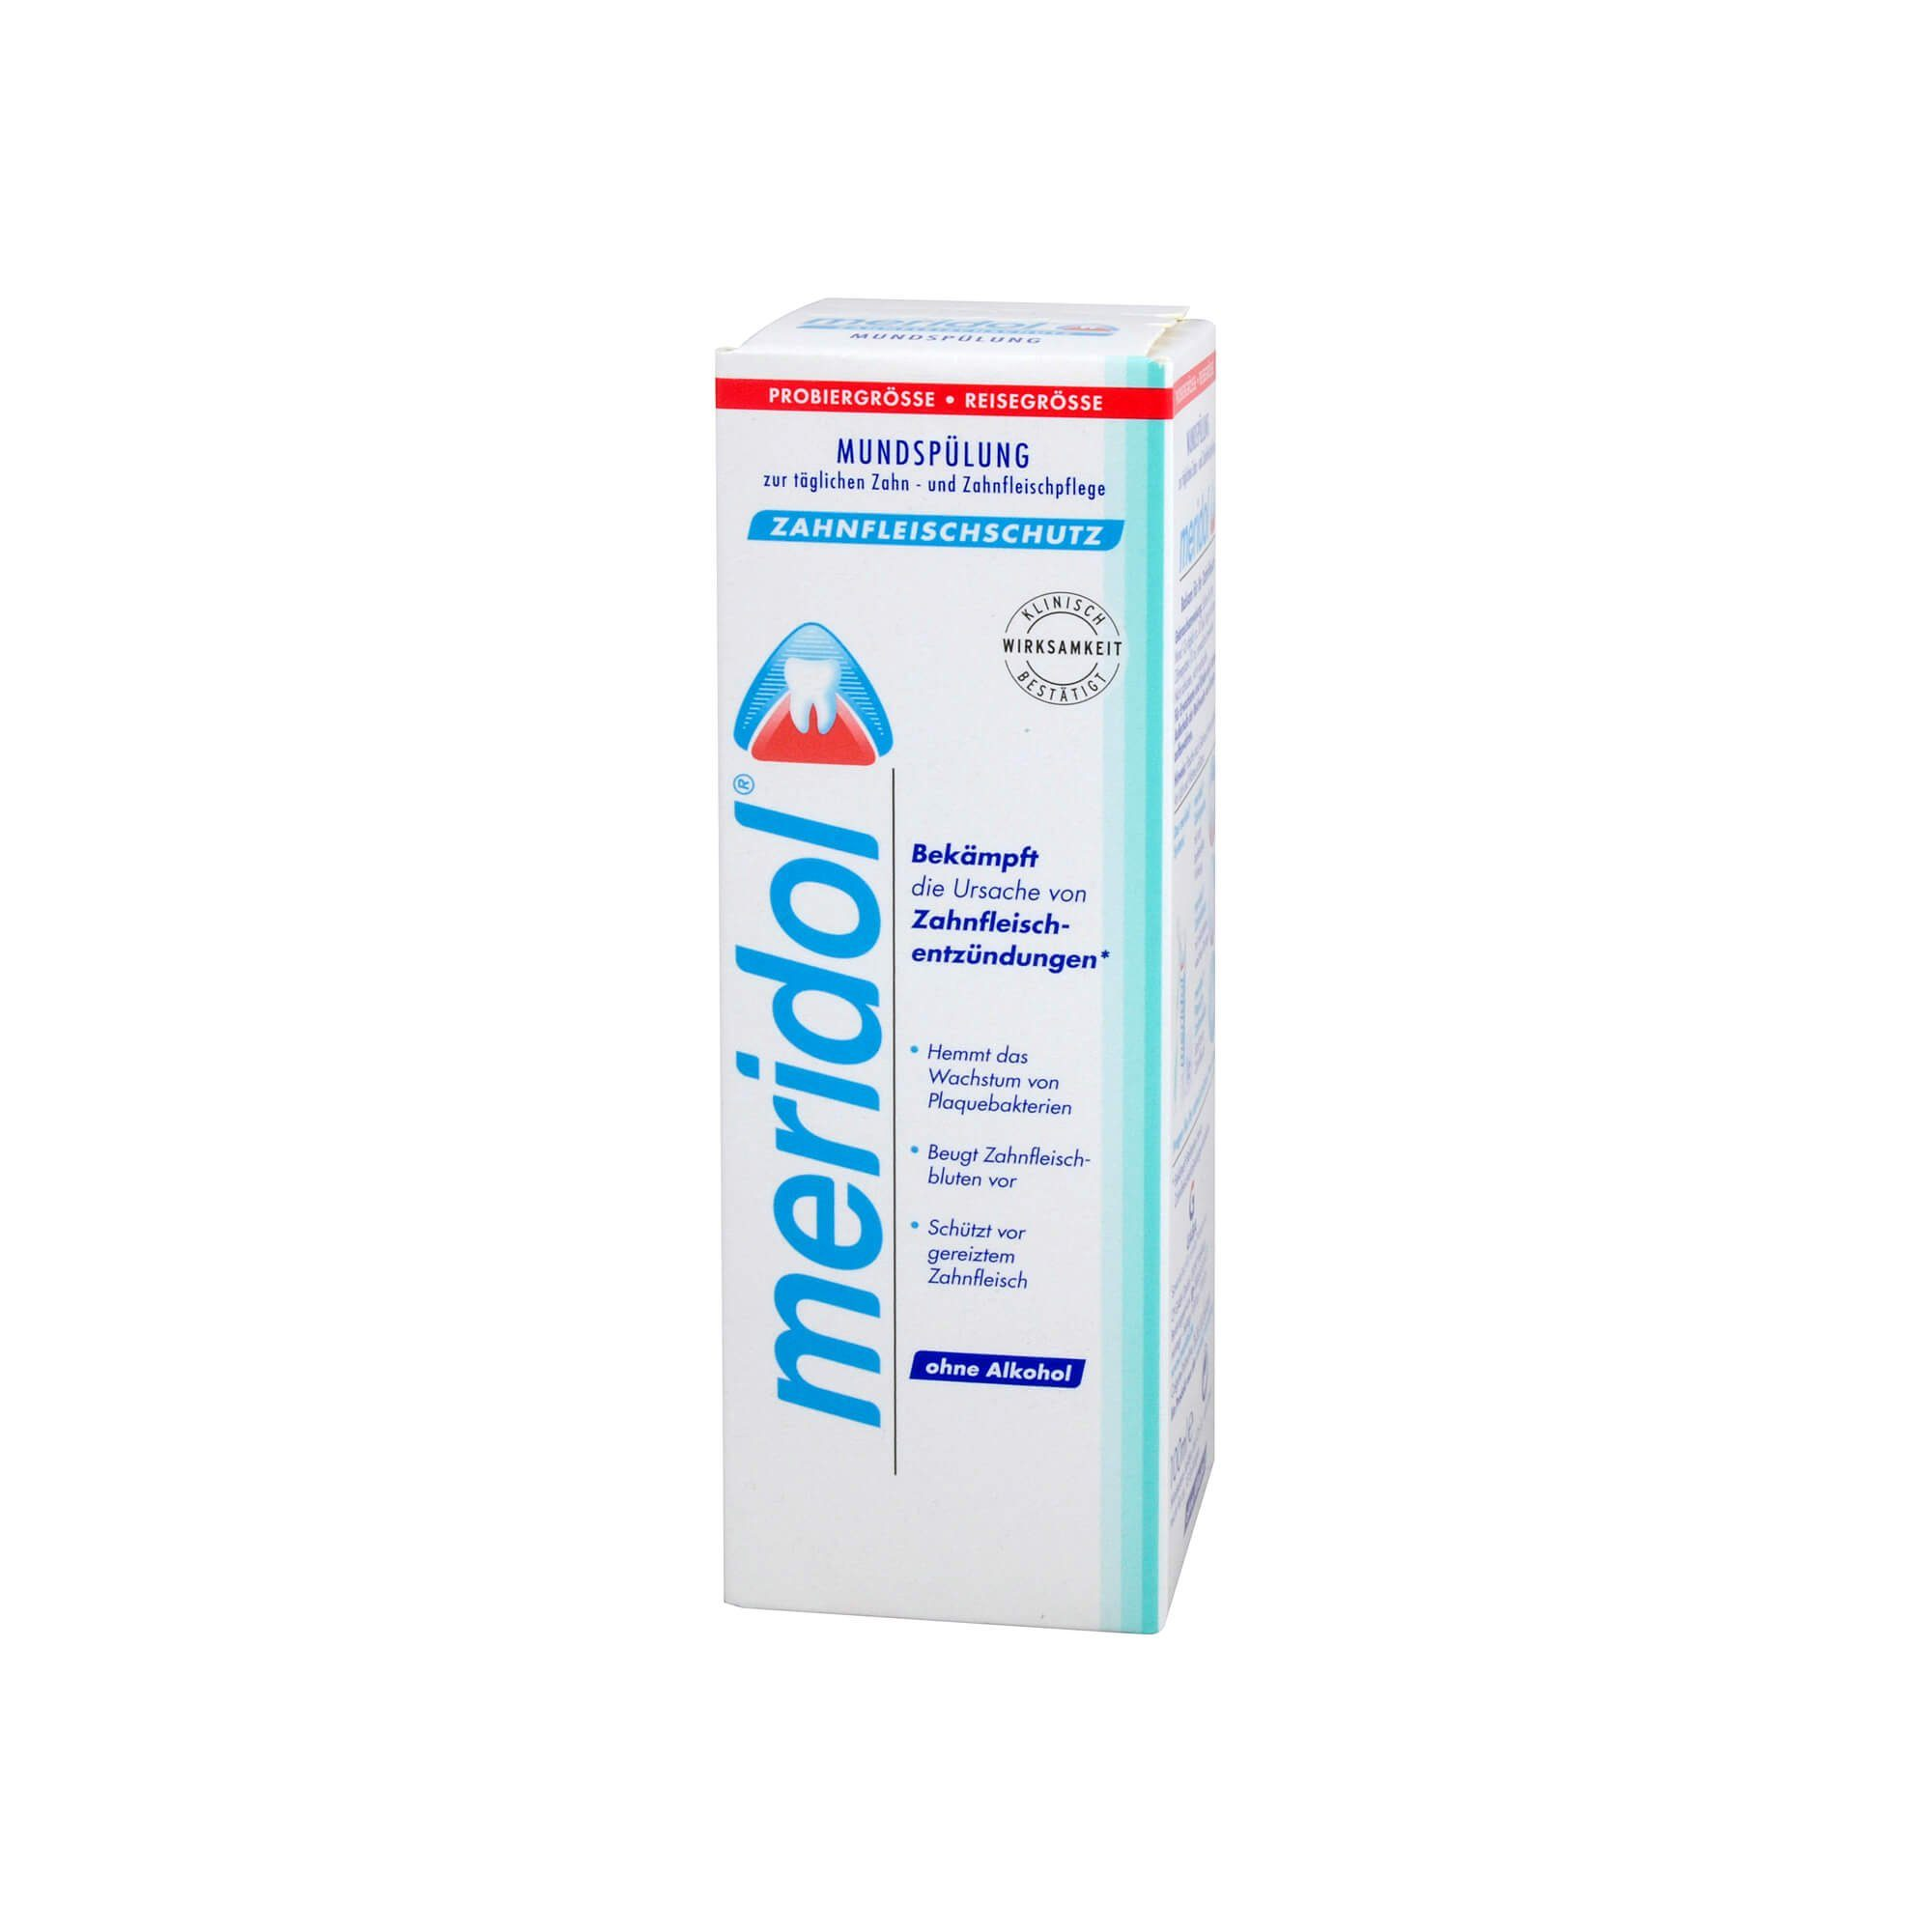 Meridol Mundspülung, 100 ml